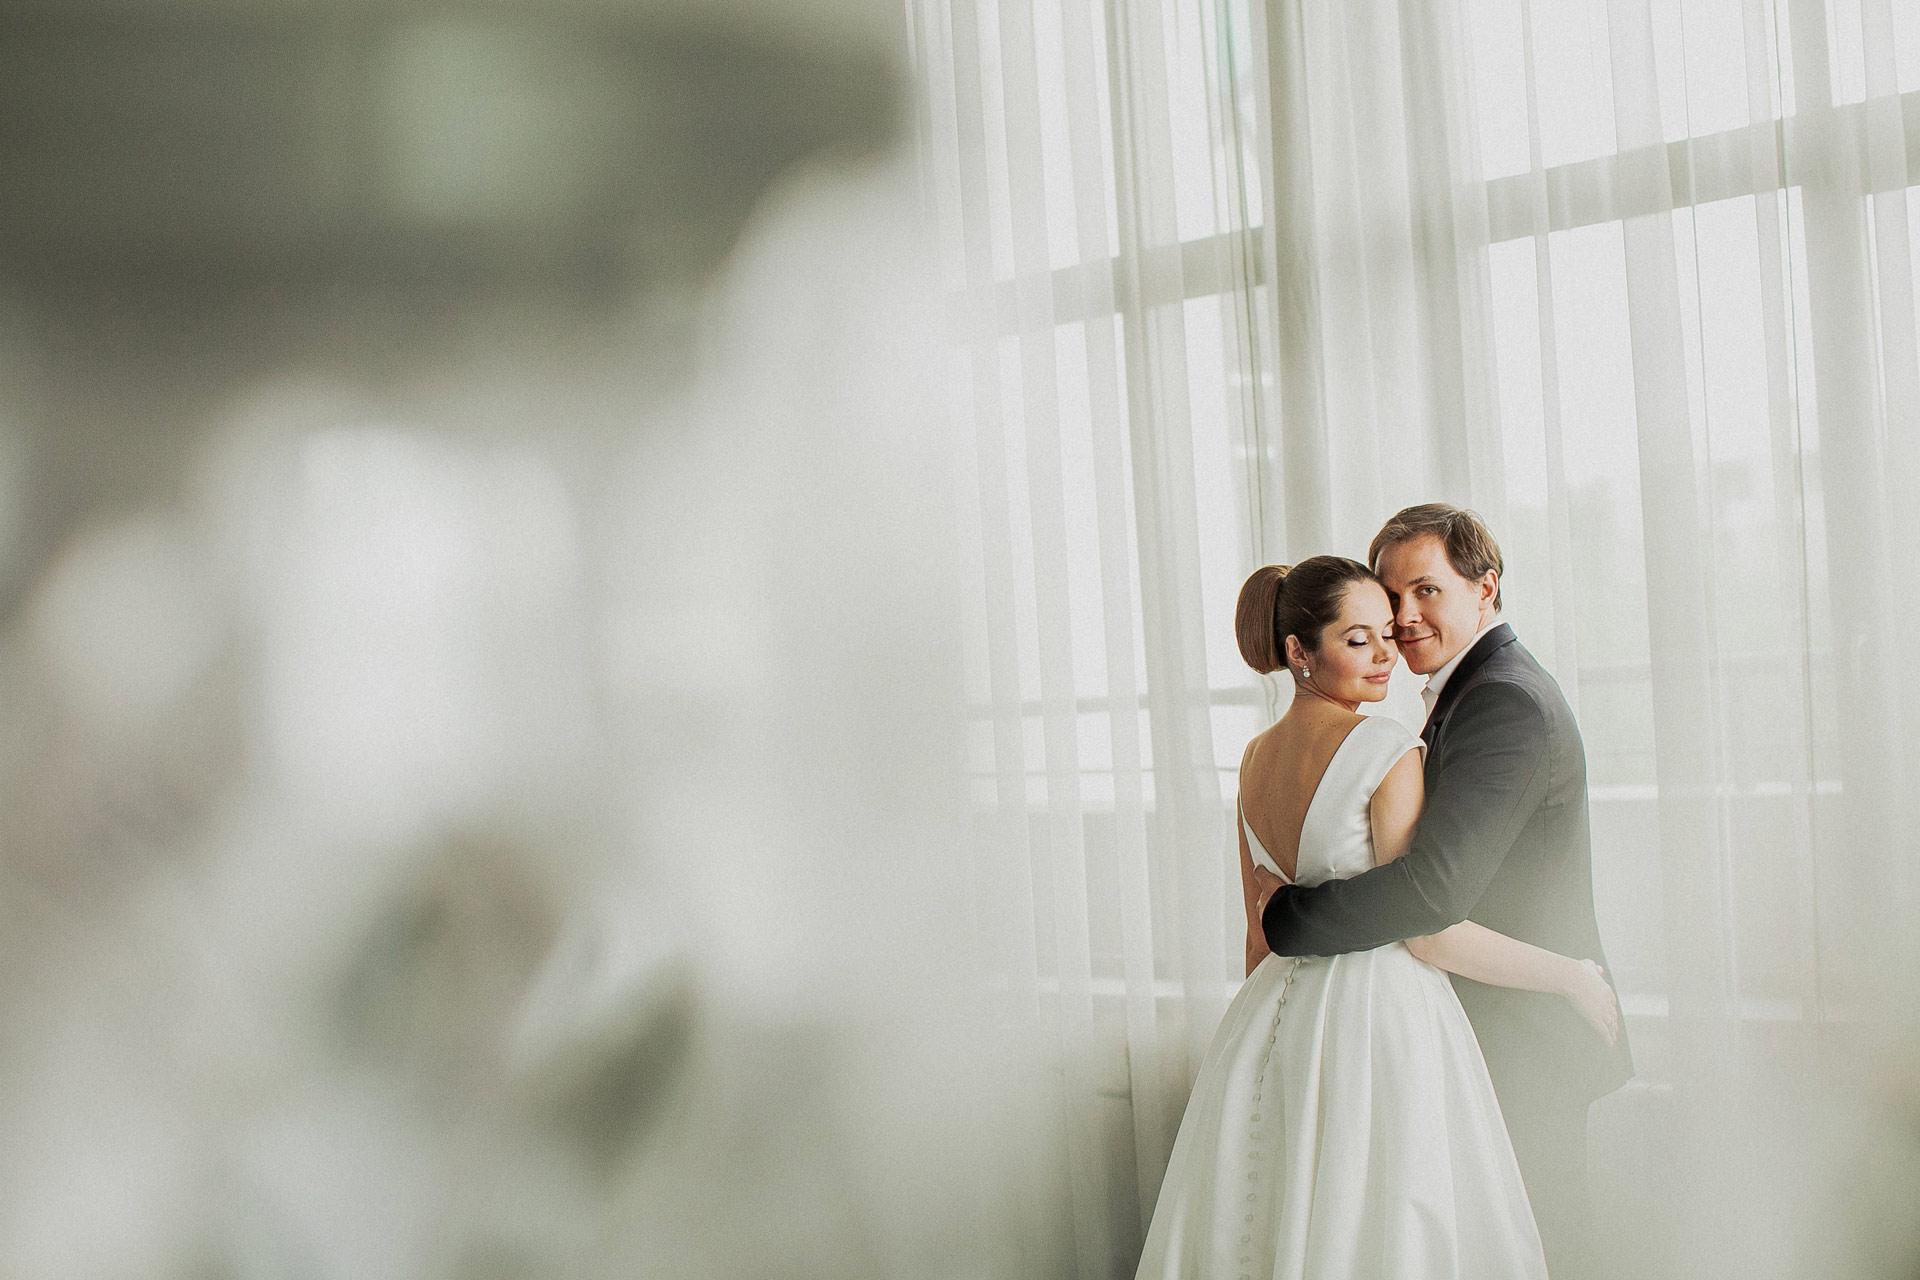 Юлия савичева невеста, Юлия Савичева Невеста - скачать бесплатно песню в mp3 18 фотография